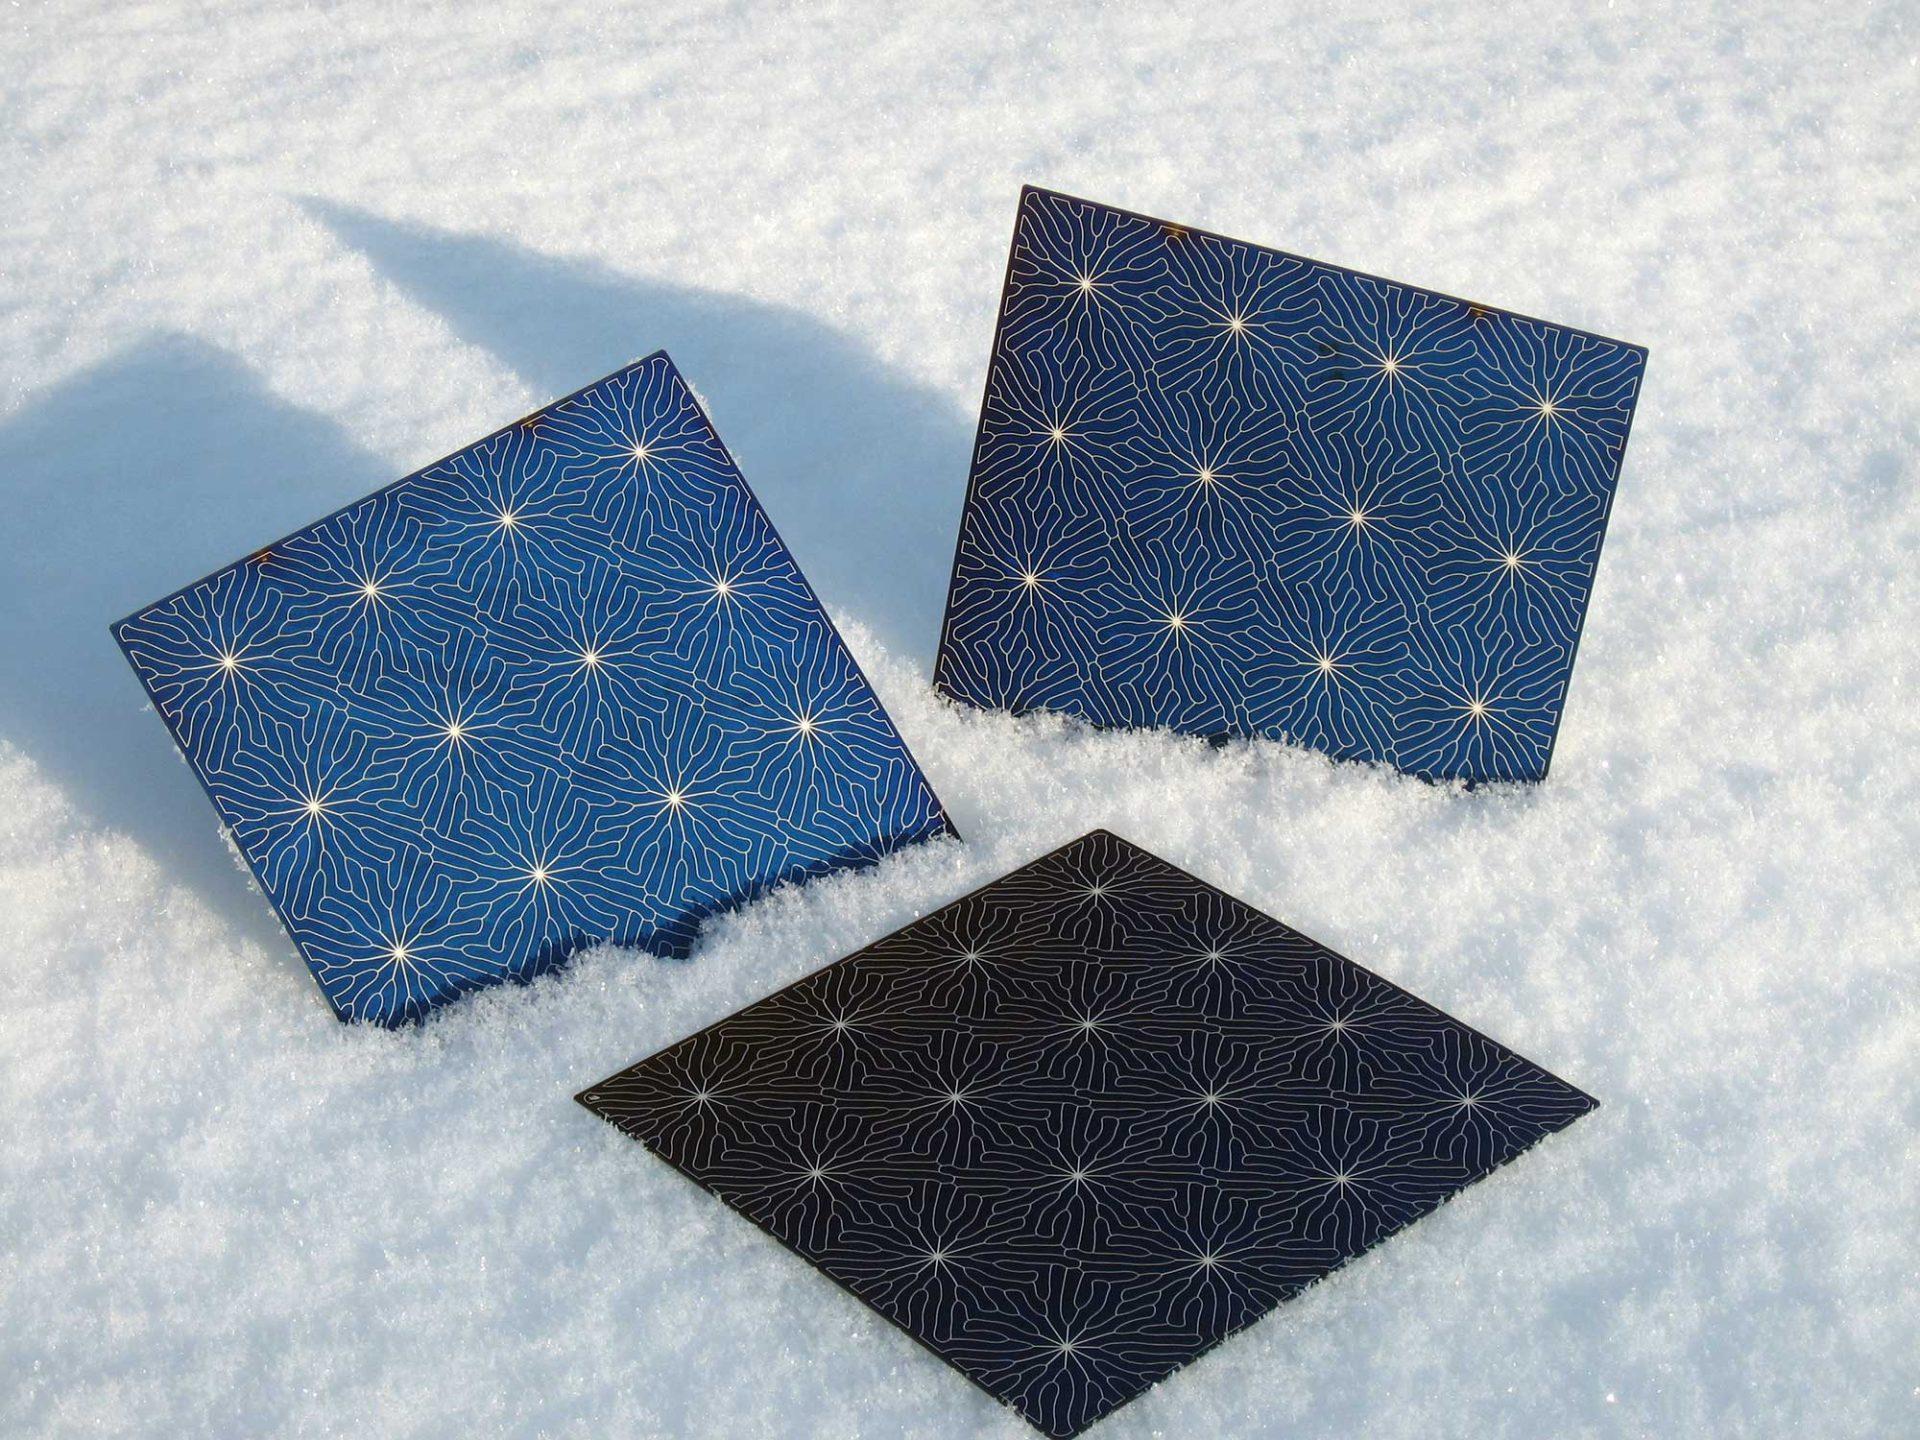 Solland Solar zonnecel - Rene Verkaart)